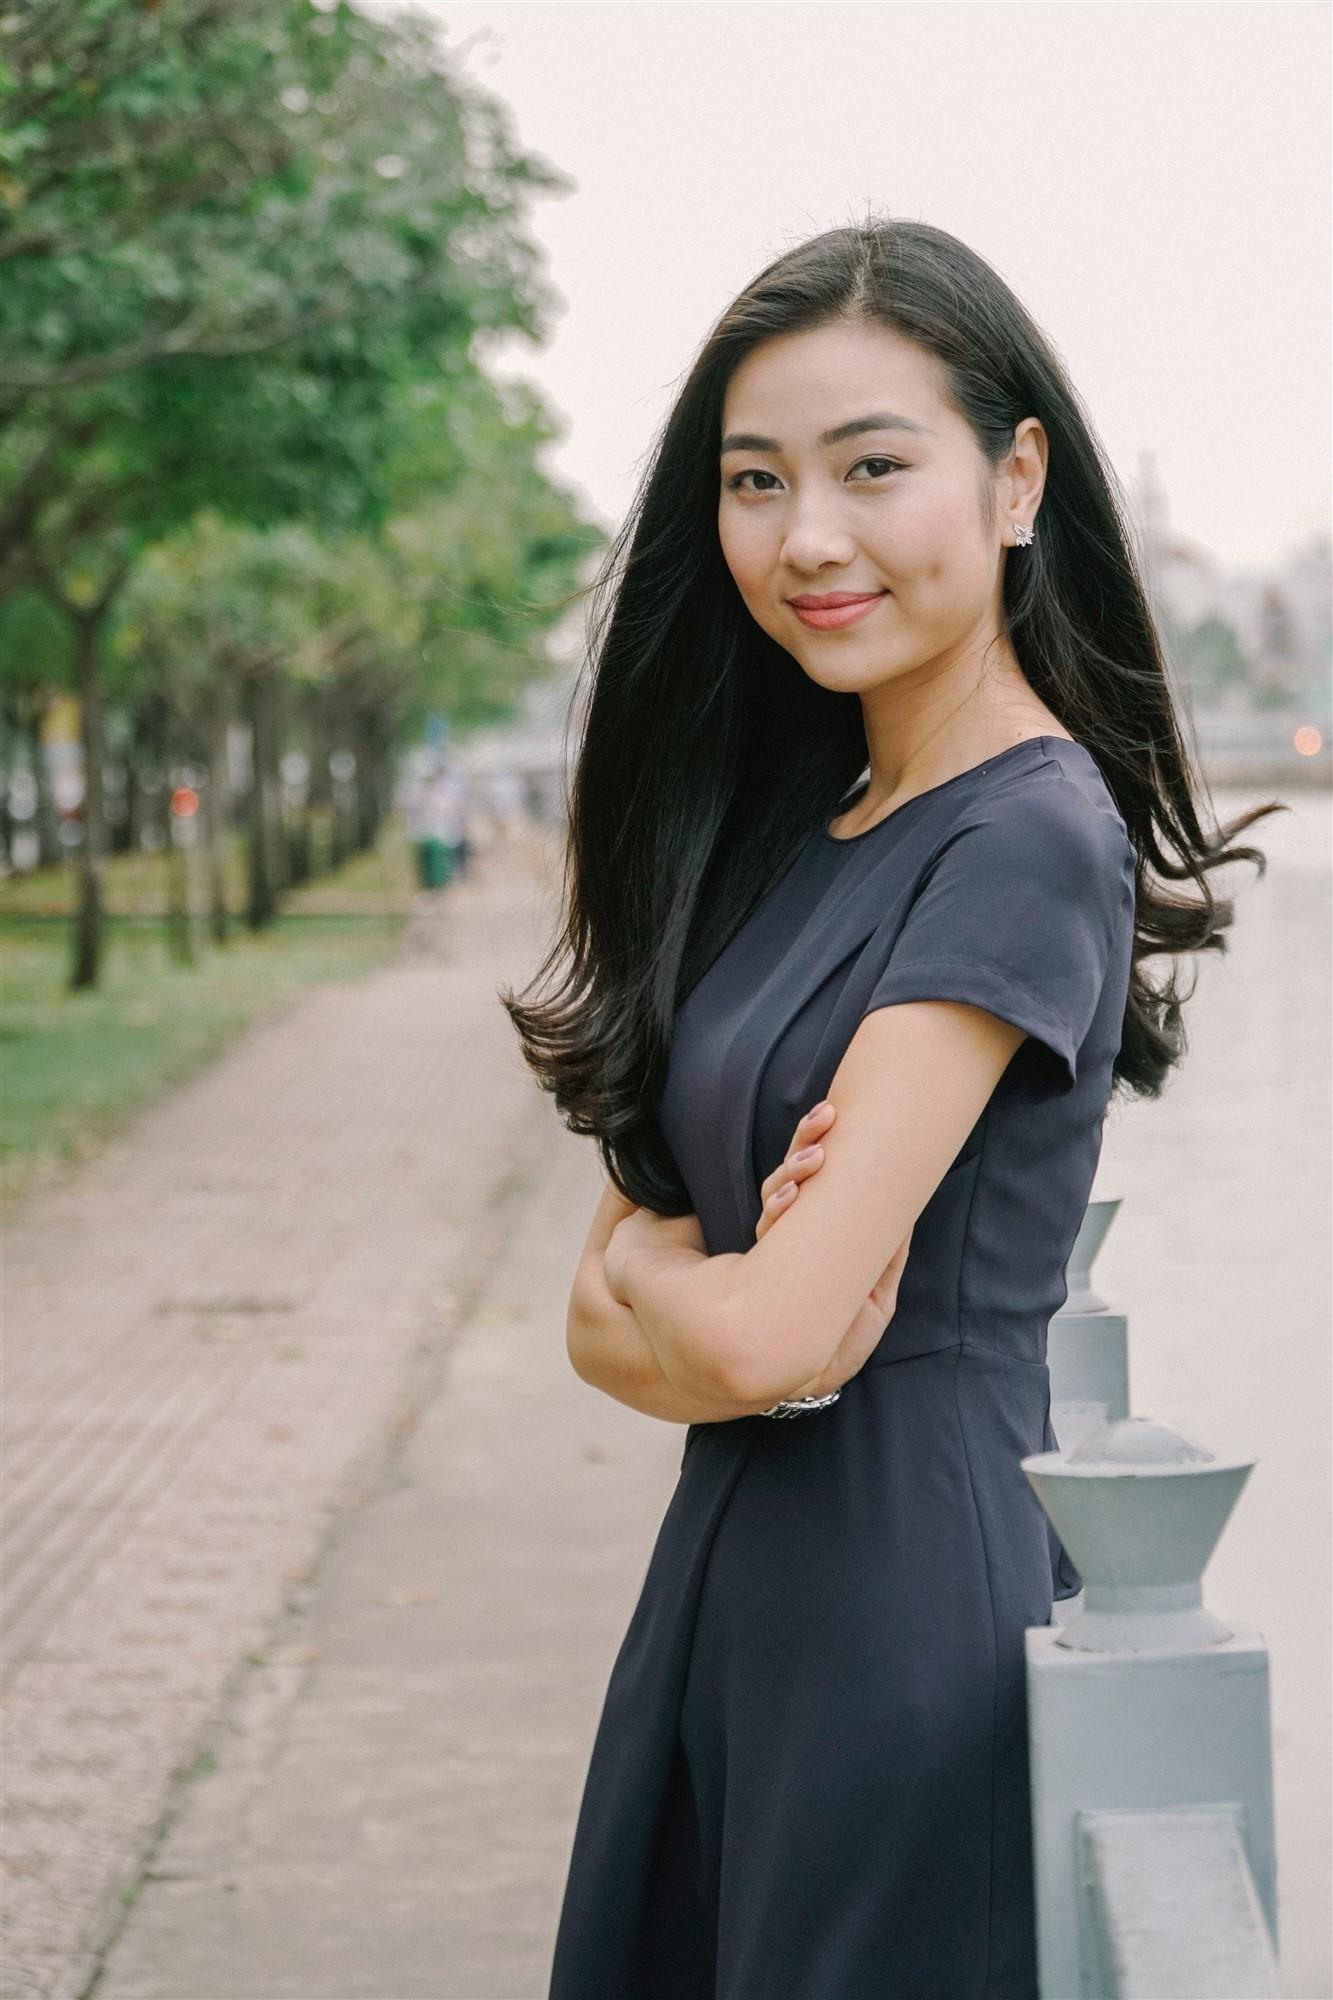 Mỹ nhân của Hoa hậu Việt Nam 2016 bất ngờ làm MC trong bản tin thời sự của VTV9 5